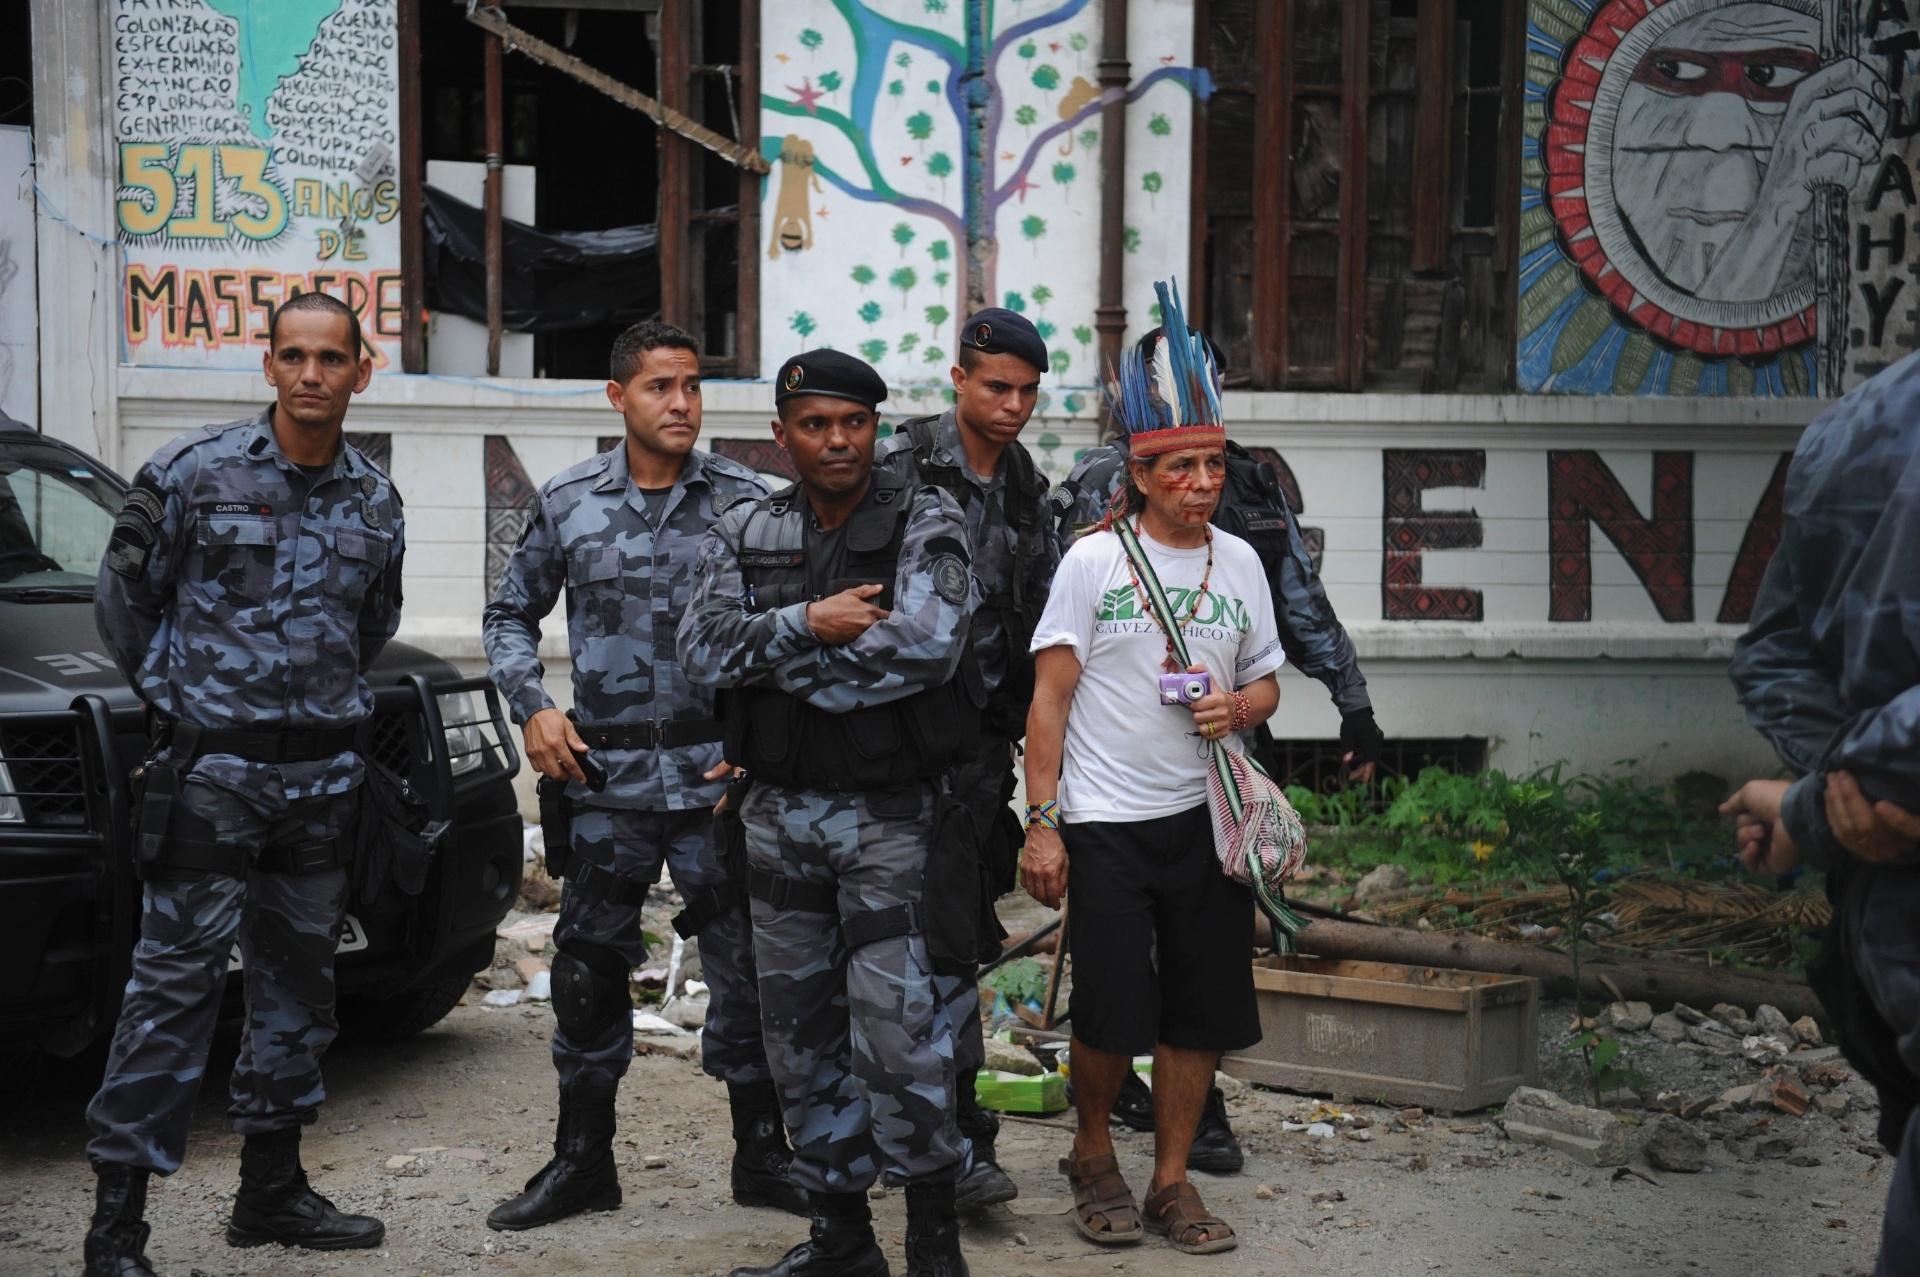 23.dez.2013 - Índios conversam com policiais durante tentativa da retomada da posse do antigo Museu do Índio, no Rio de Janeiro, de onde a comunidade indígena foi expulsa no último dia 16